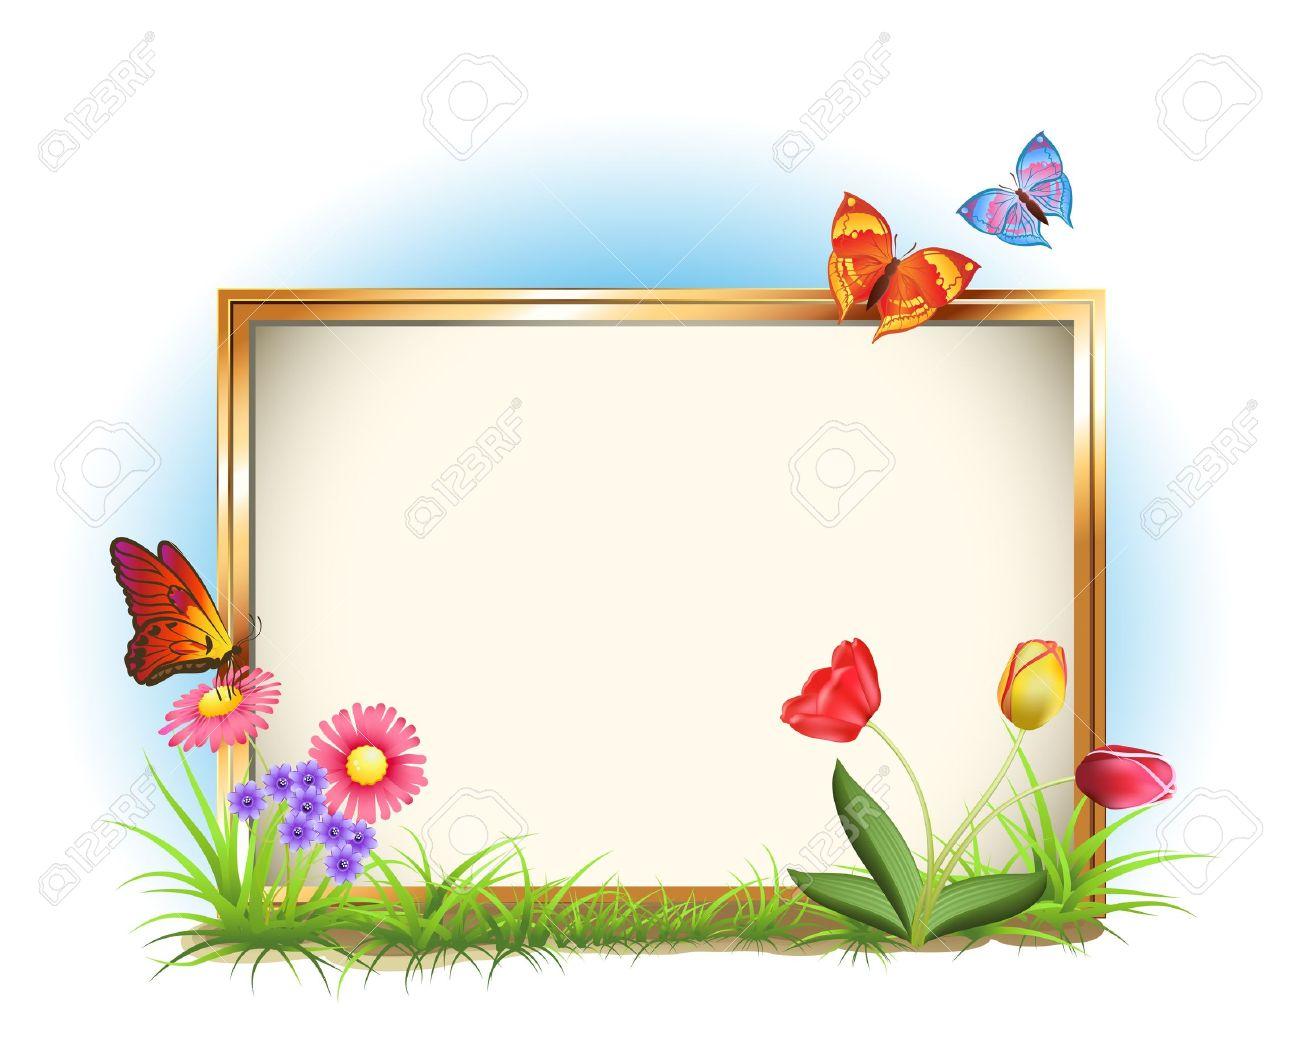 Bilderrahmen Mit Frühling Blumen Und Schmetterlinge Lizenzfrei ...